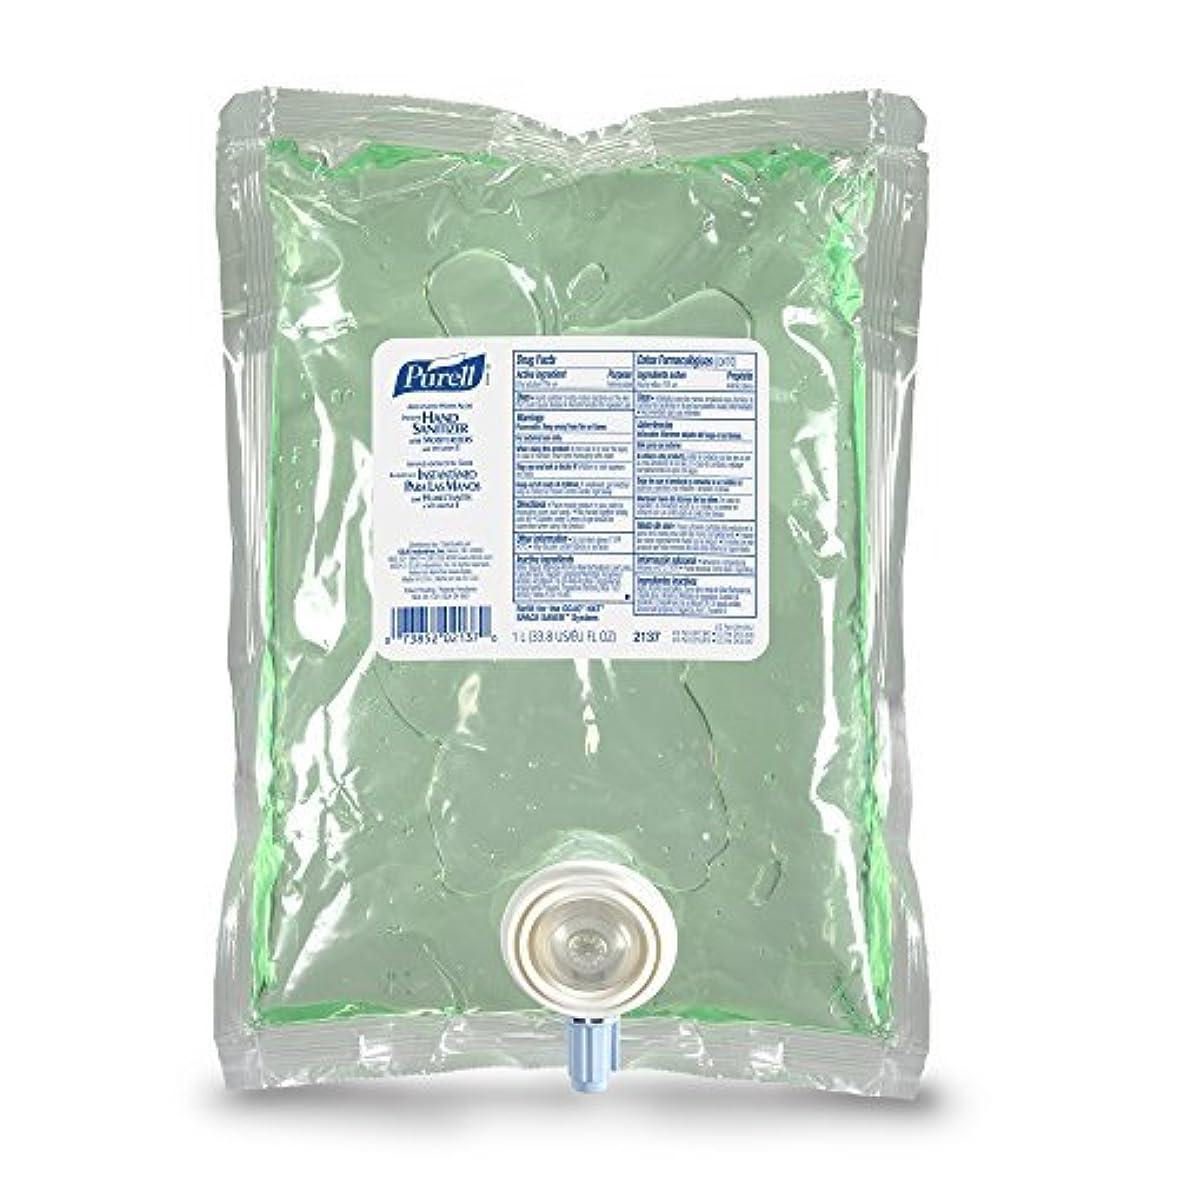 懐疑論アーティスト出力PURELL 213708CT Advanced NXT Instant Hand Sanitizer NXT Refill w/Aloe 1000mL Refill (Case of 8) [並行輸入品]